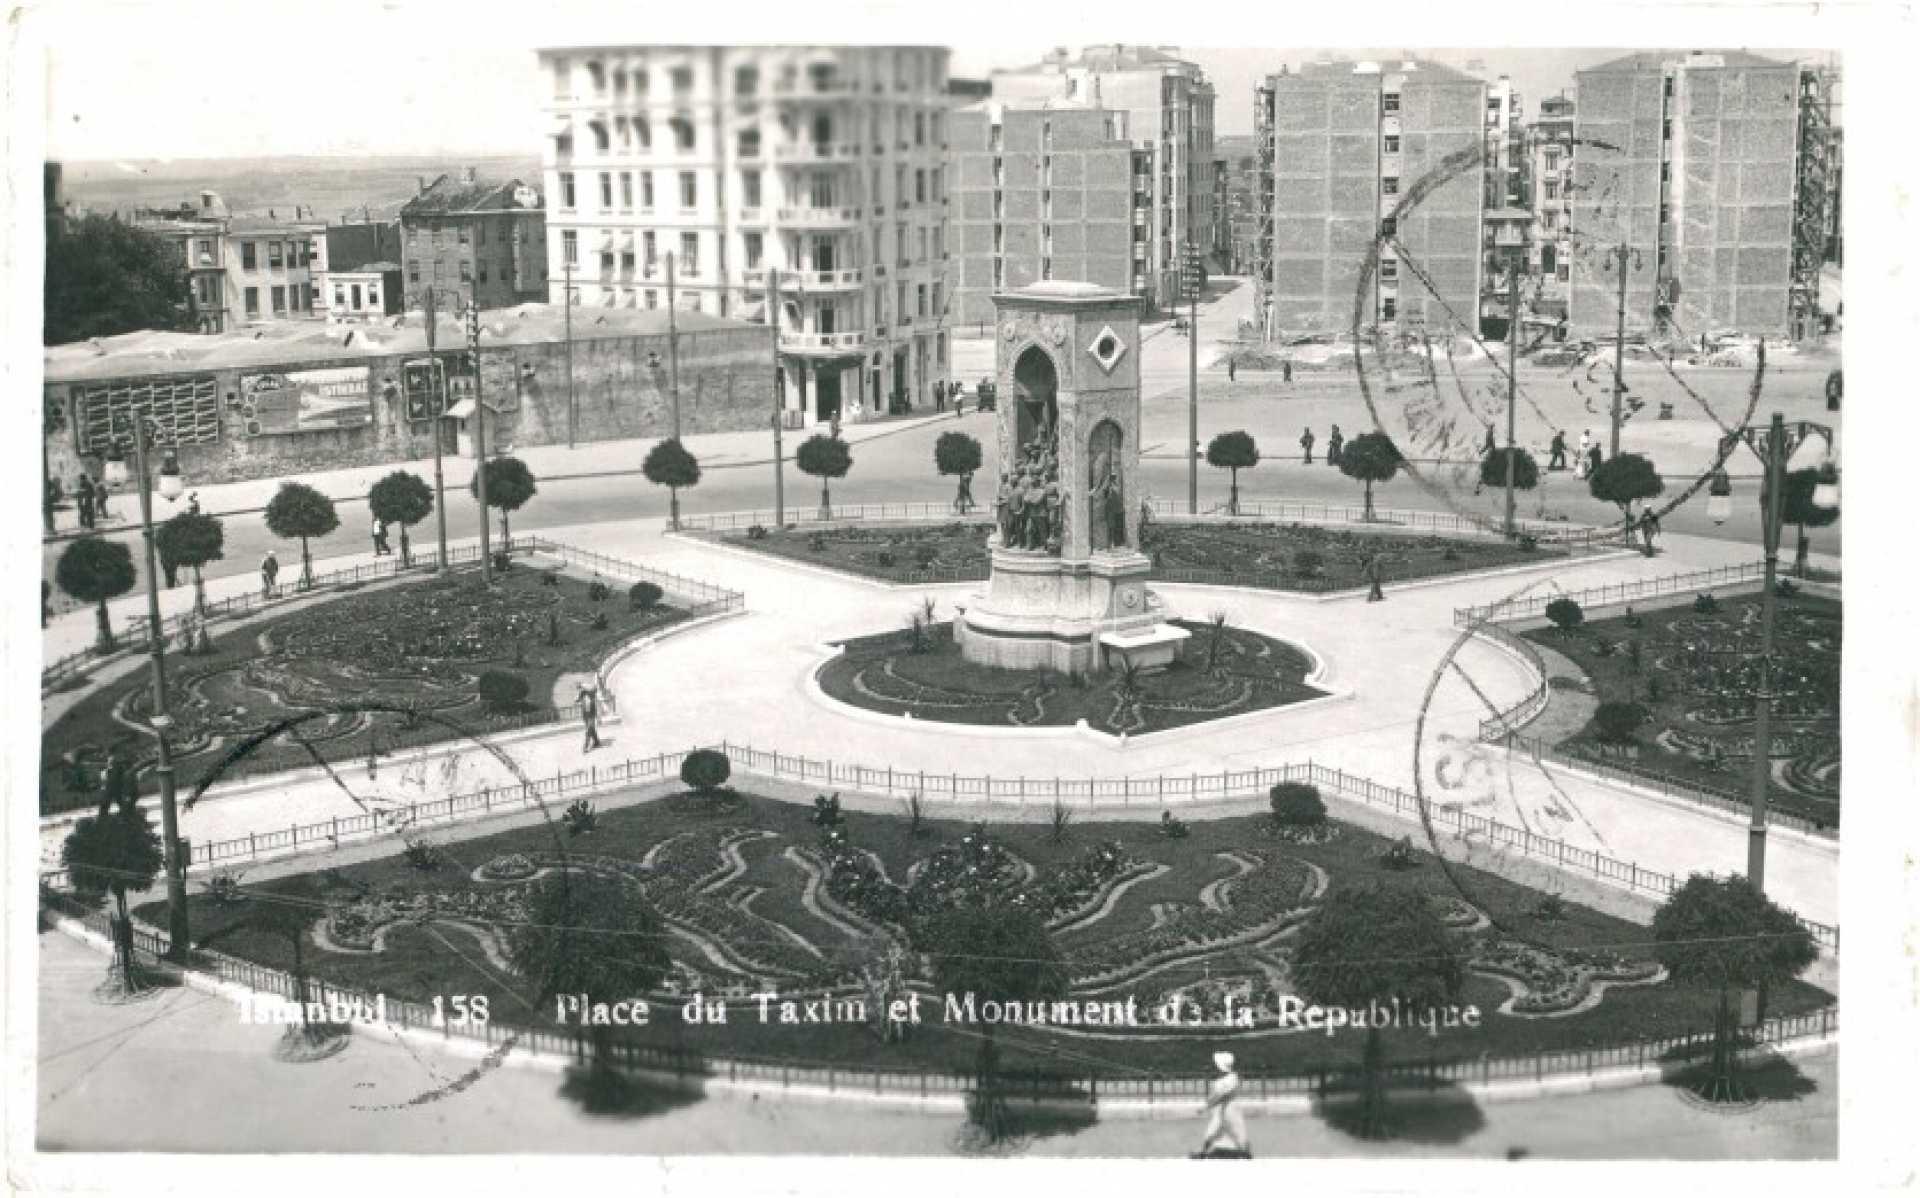 Place du Taxim et Monument de la Republique